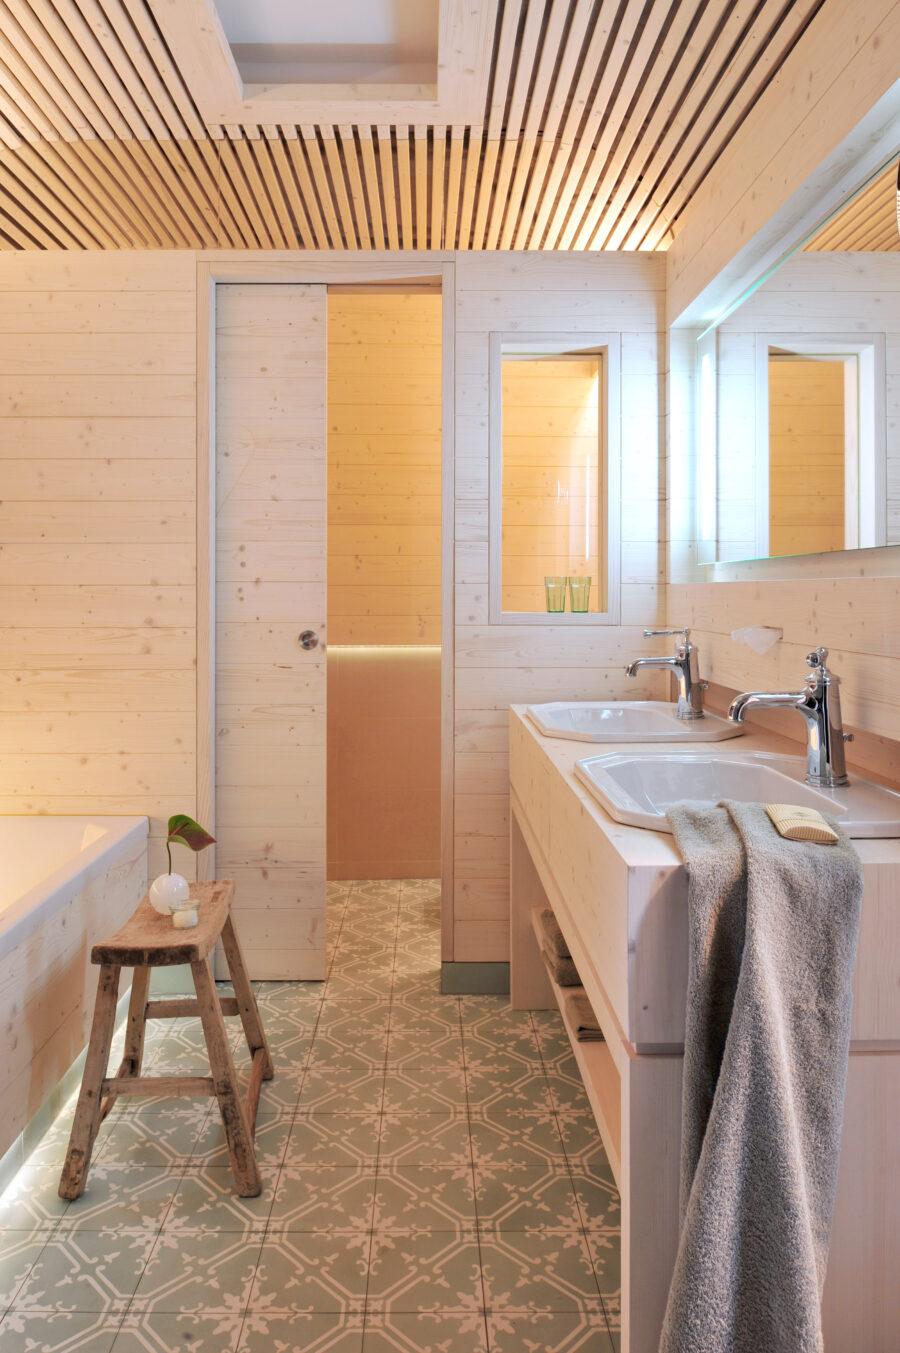 Das Bad der Gartensuite des LÖSCH für Freunde erinnert an den Bauwagen von Peter Lustig.